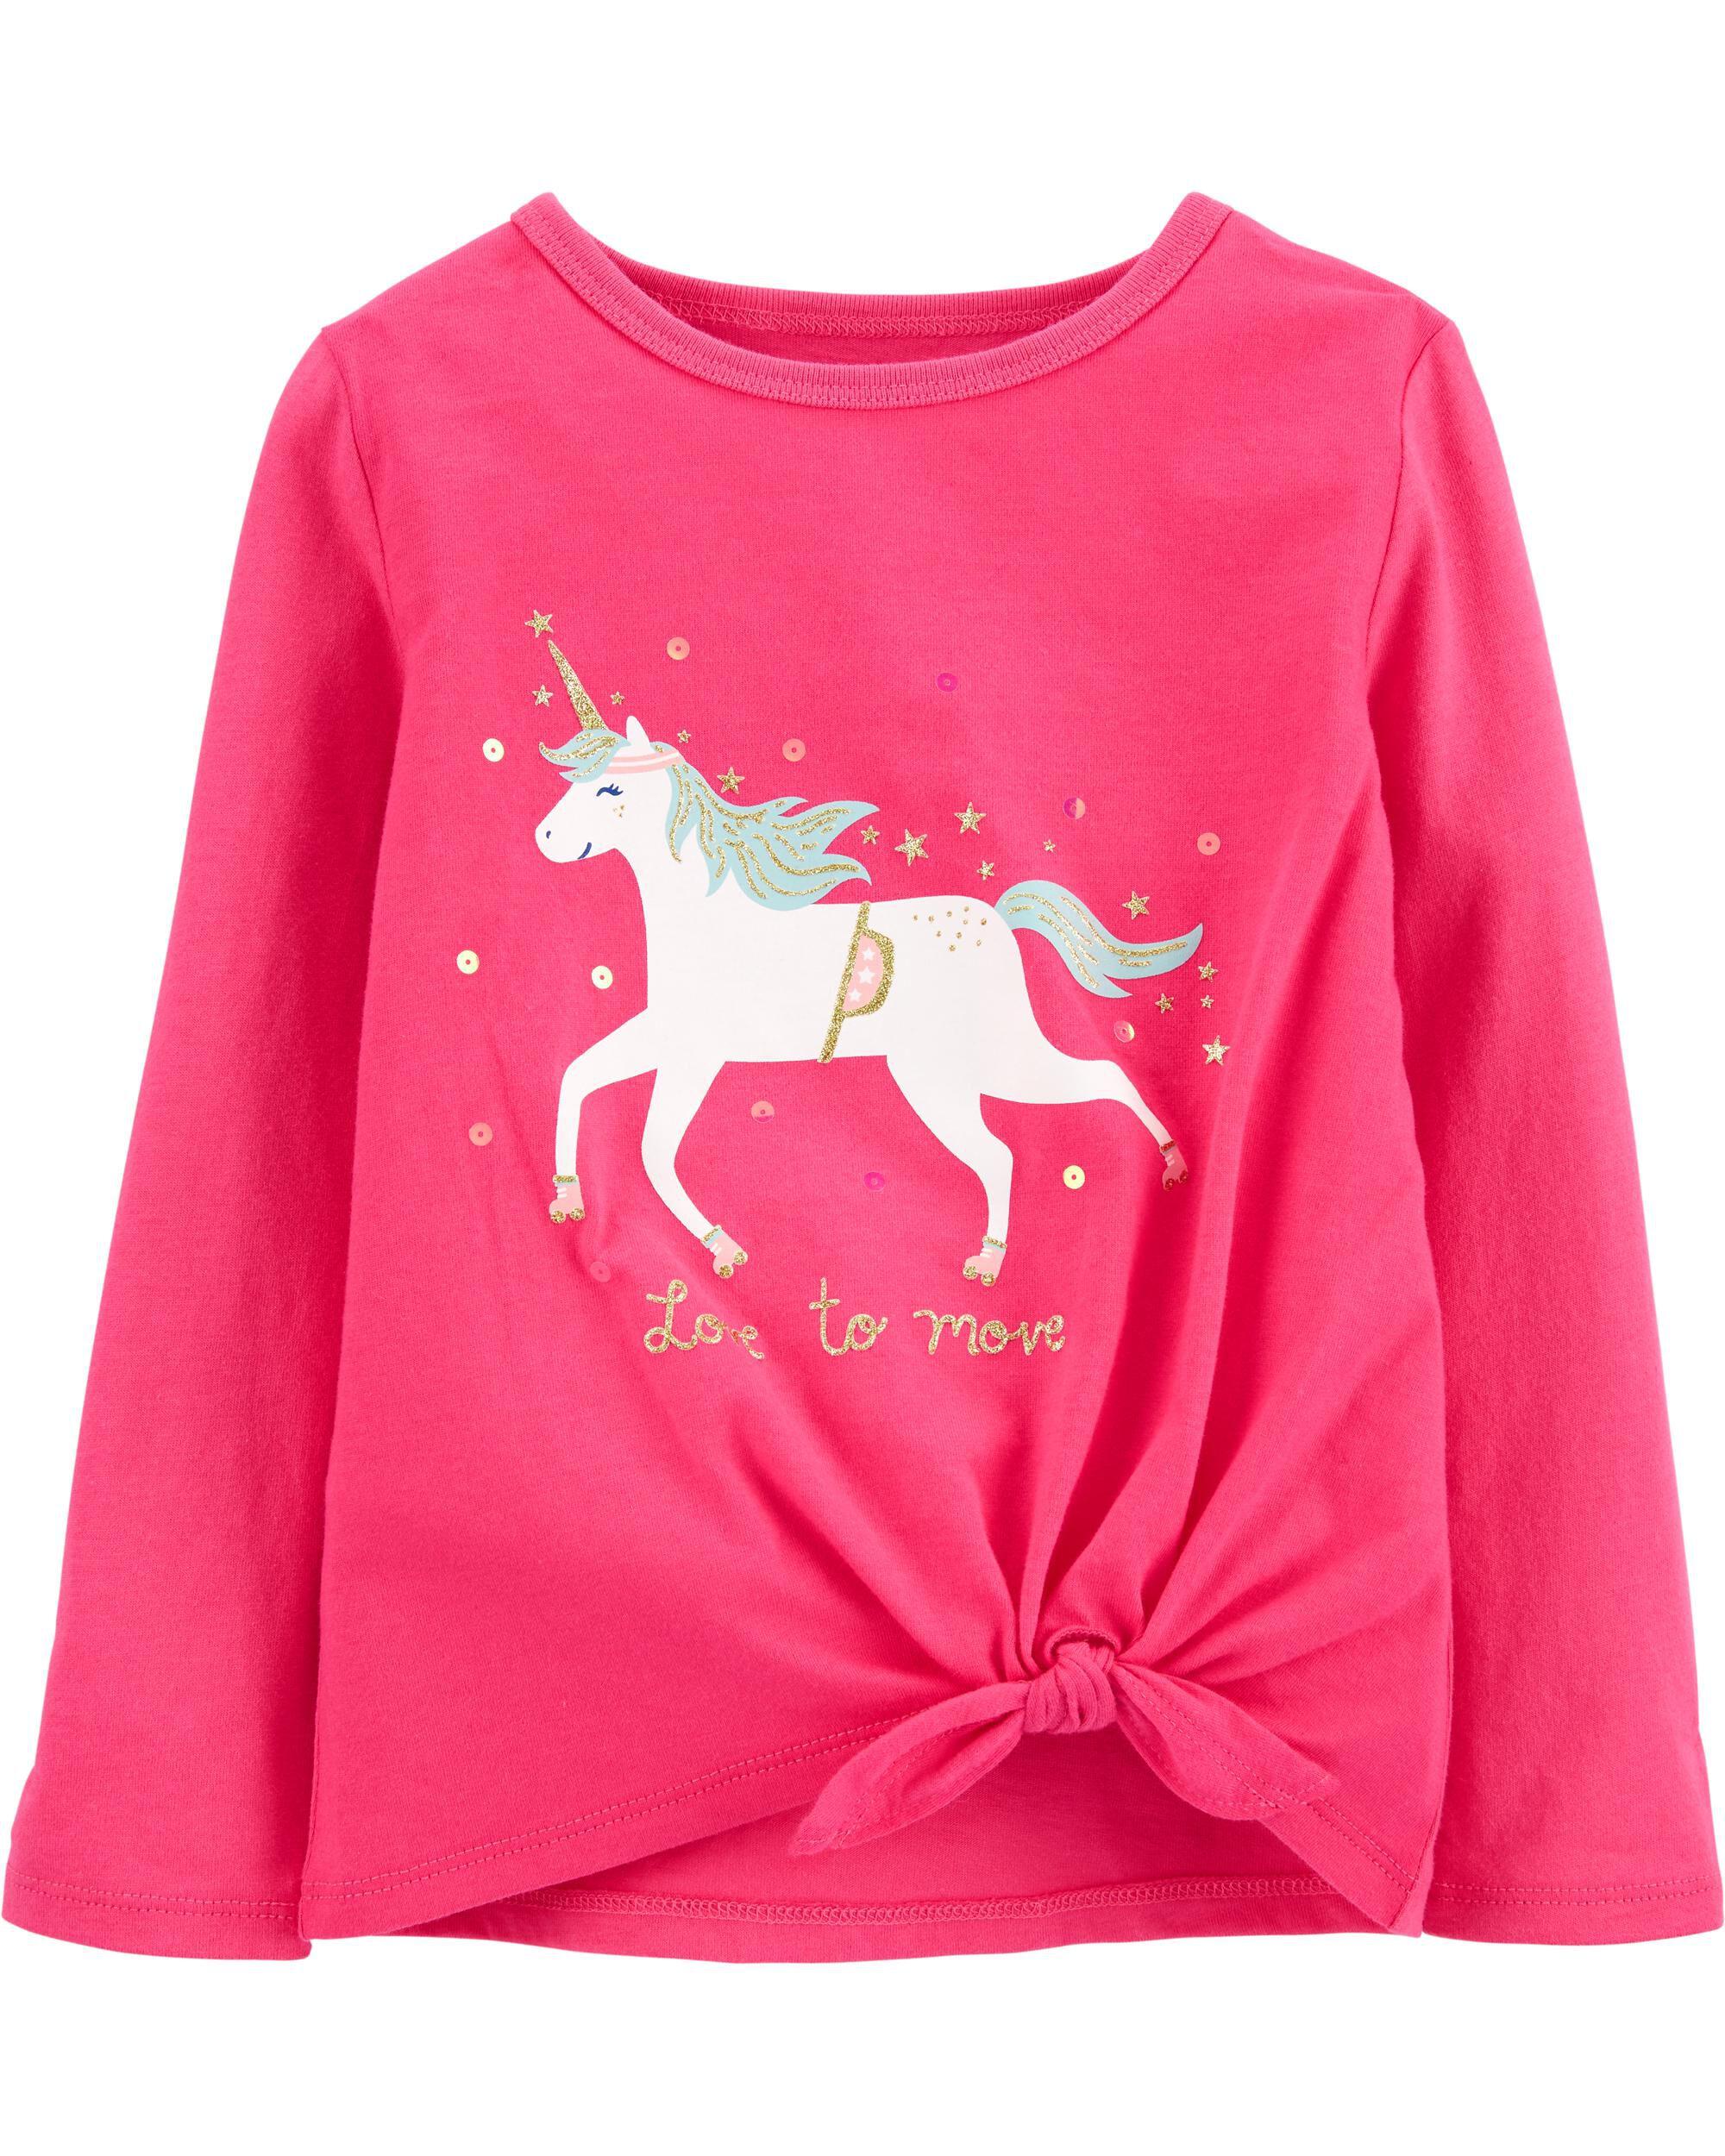 *DOORBUSTER* Glitter Unicorn Tie-Front Jersey Tee